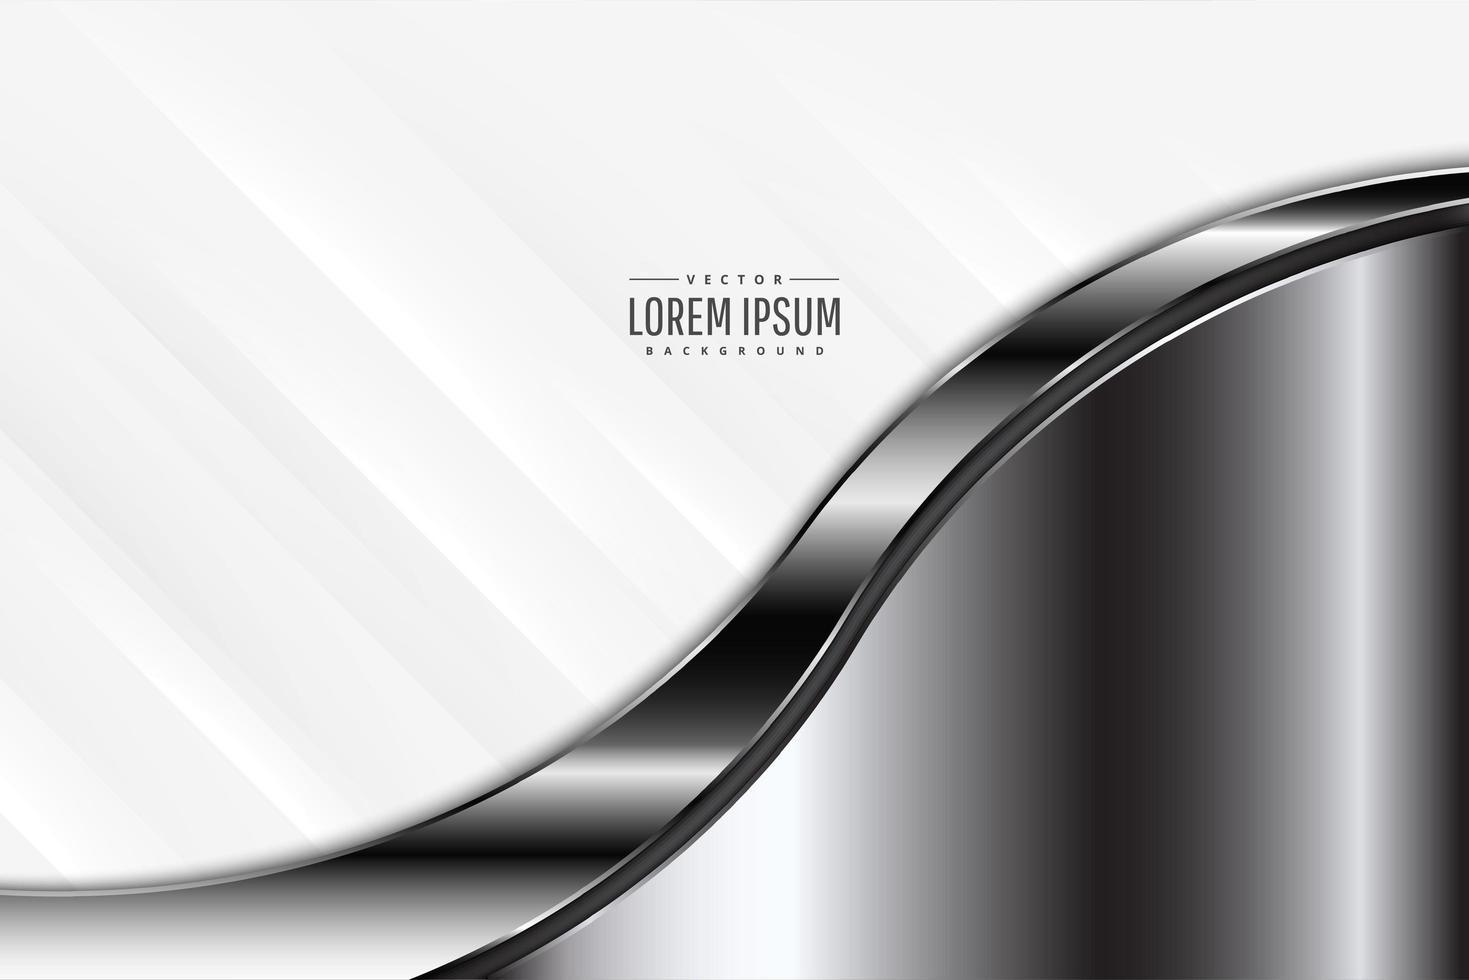 moderne zilveren en witte metallic achtergrond vector